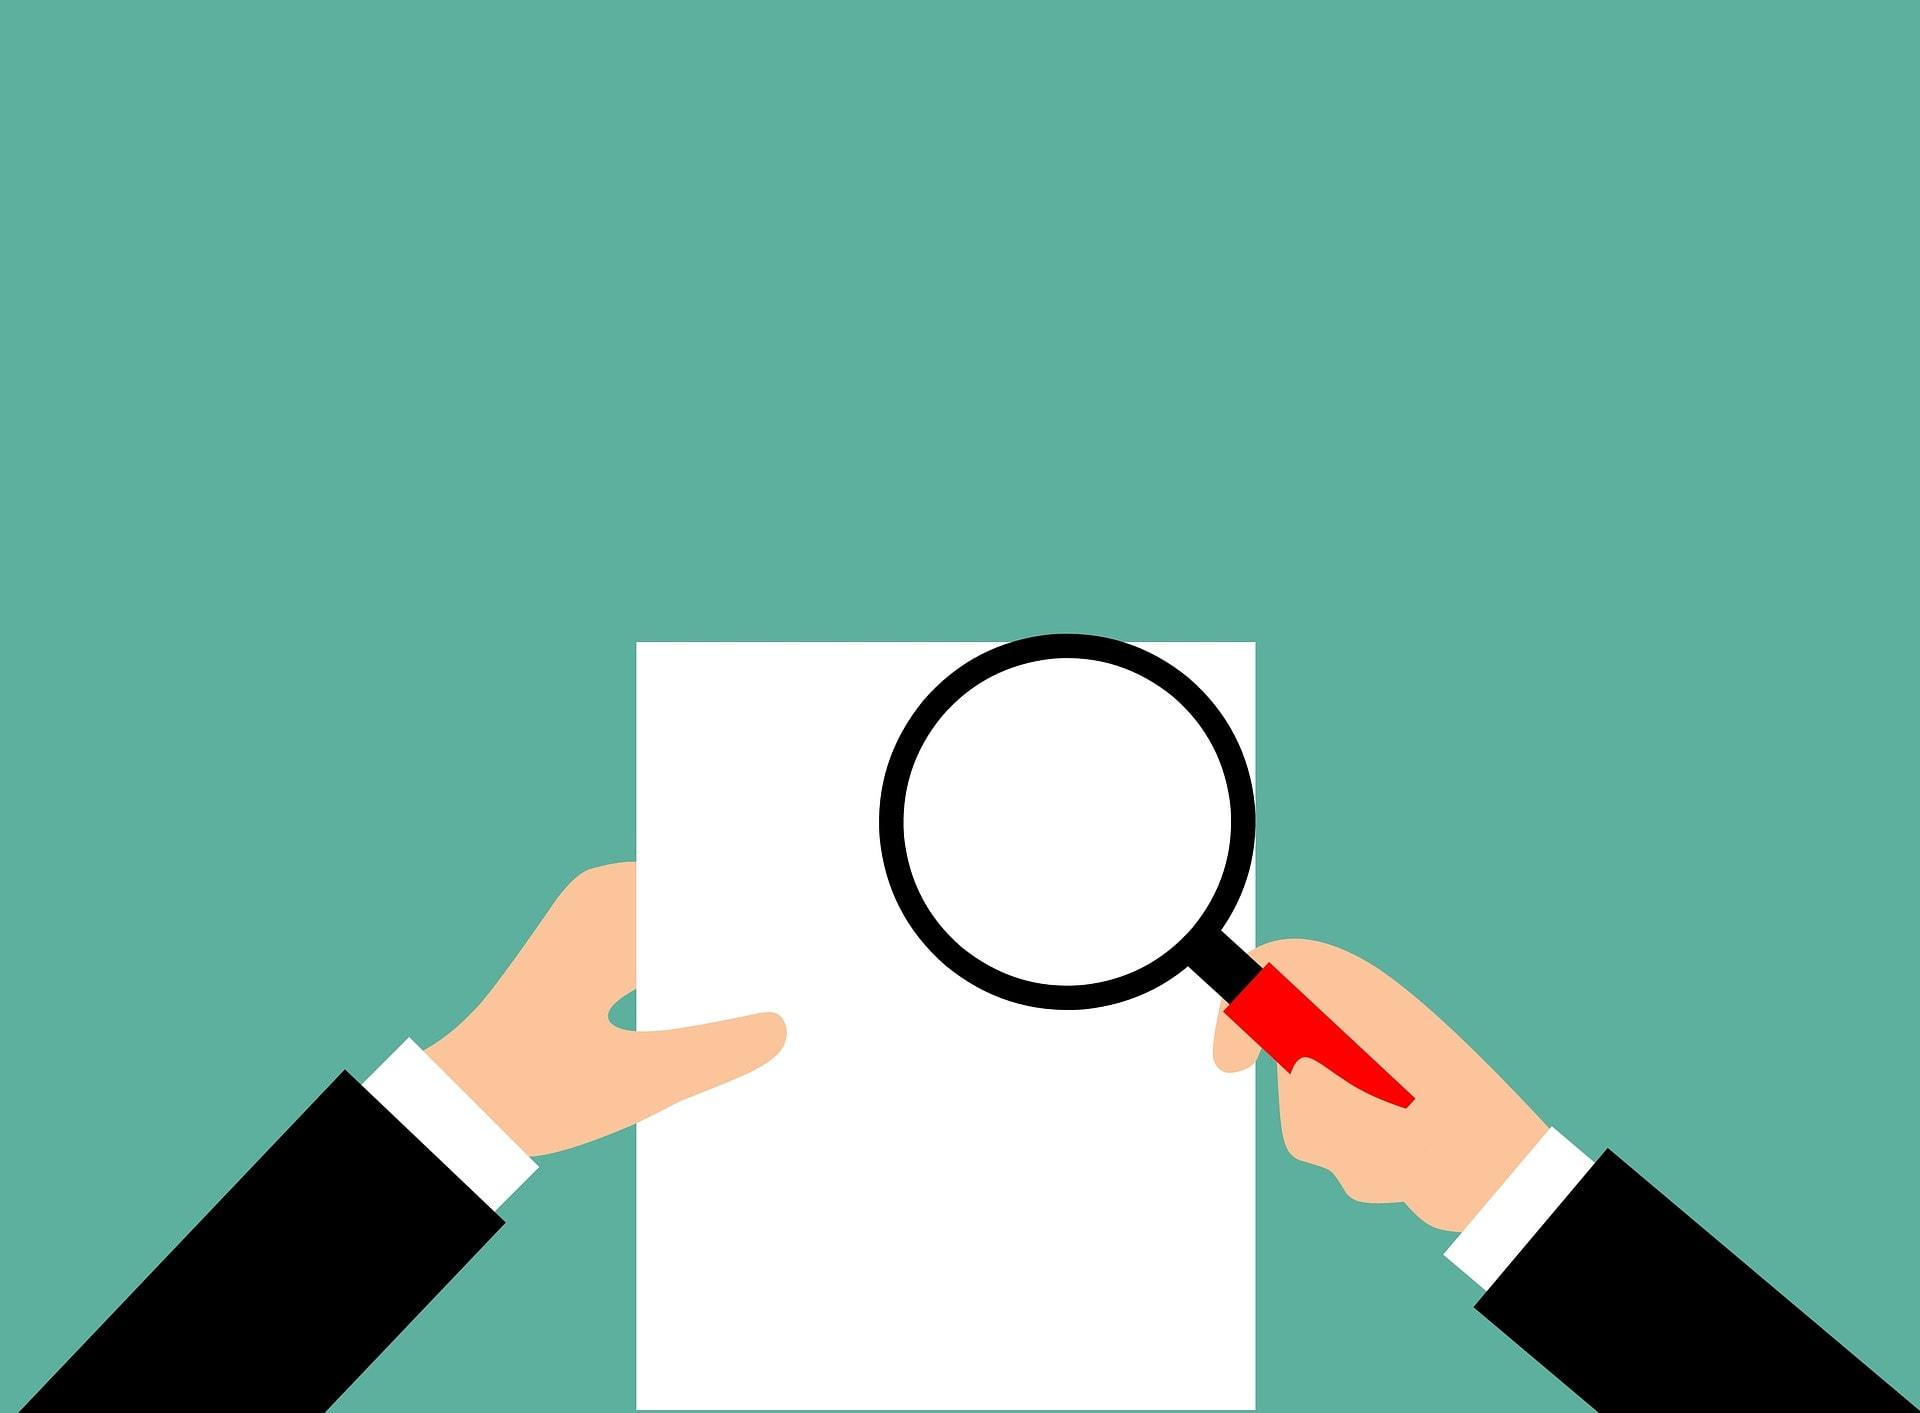 Audit Bericht Überprüfung Lupe Rechnungsprüfer - (c) Pixabay